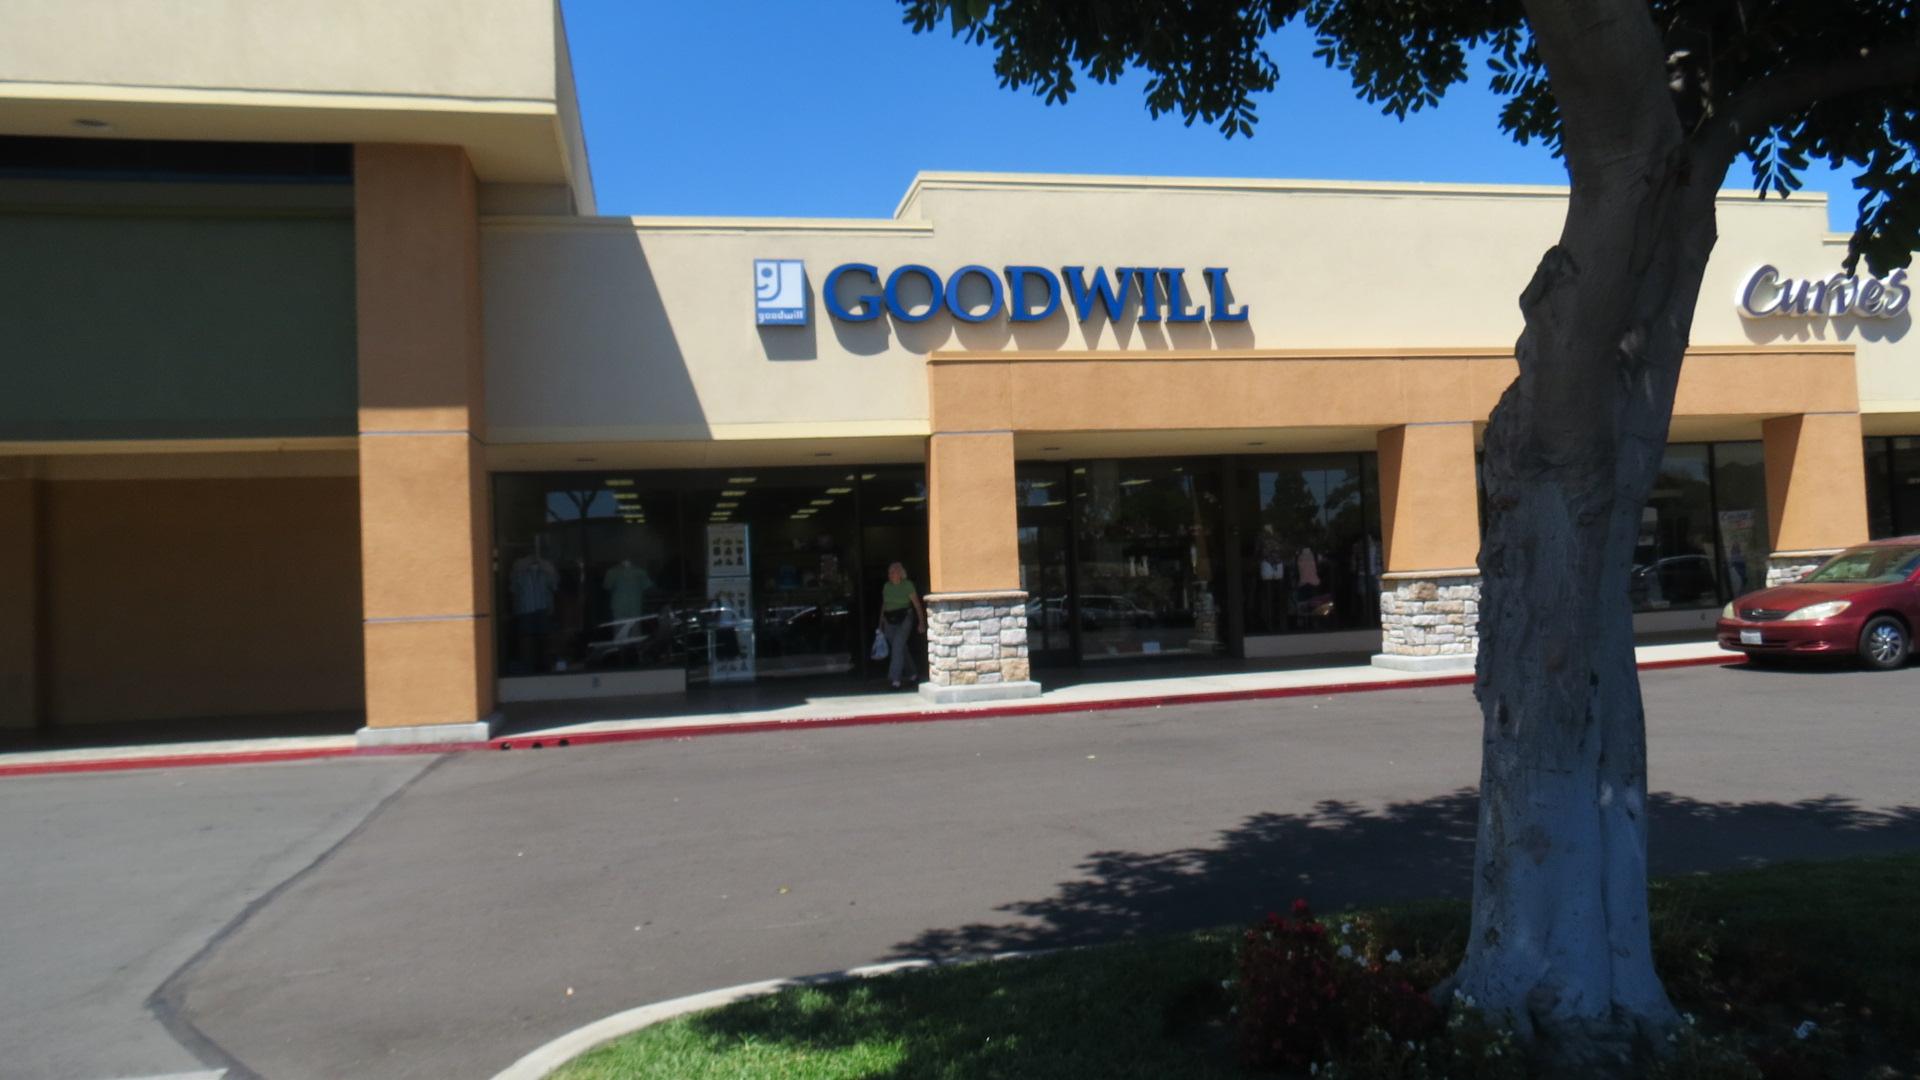 Long Beach Goodwill Retail Store & Donation Center